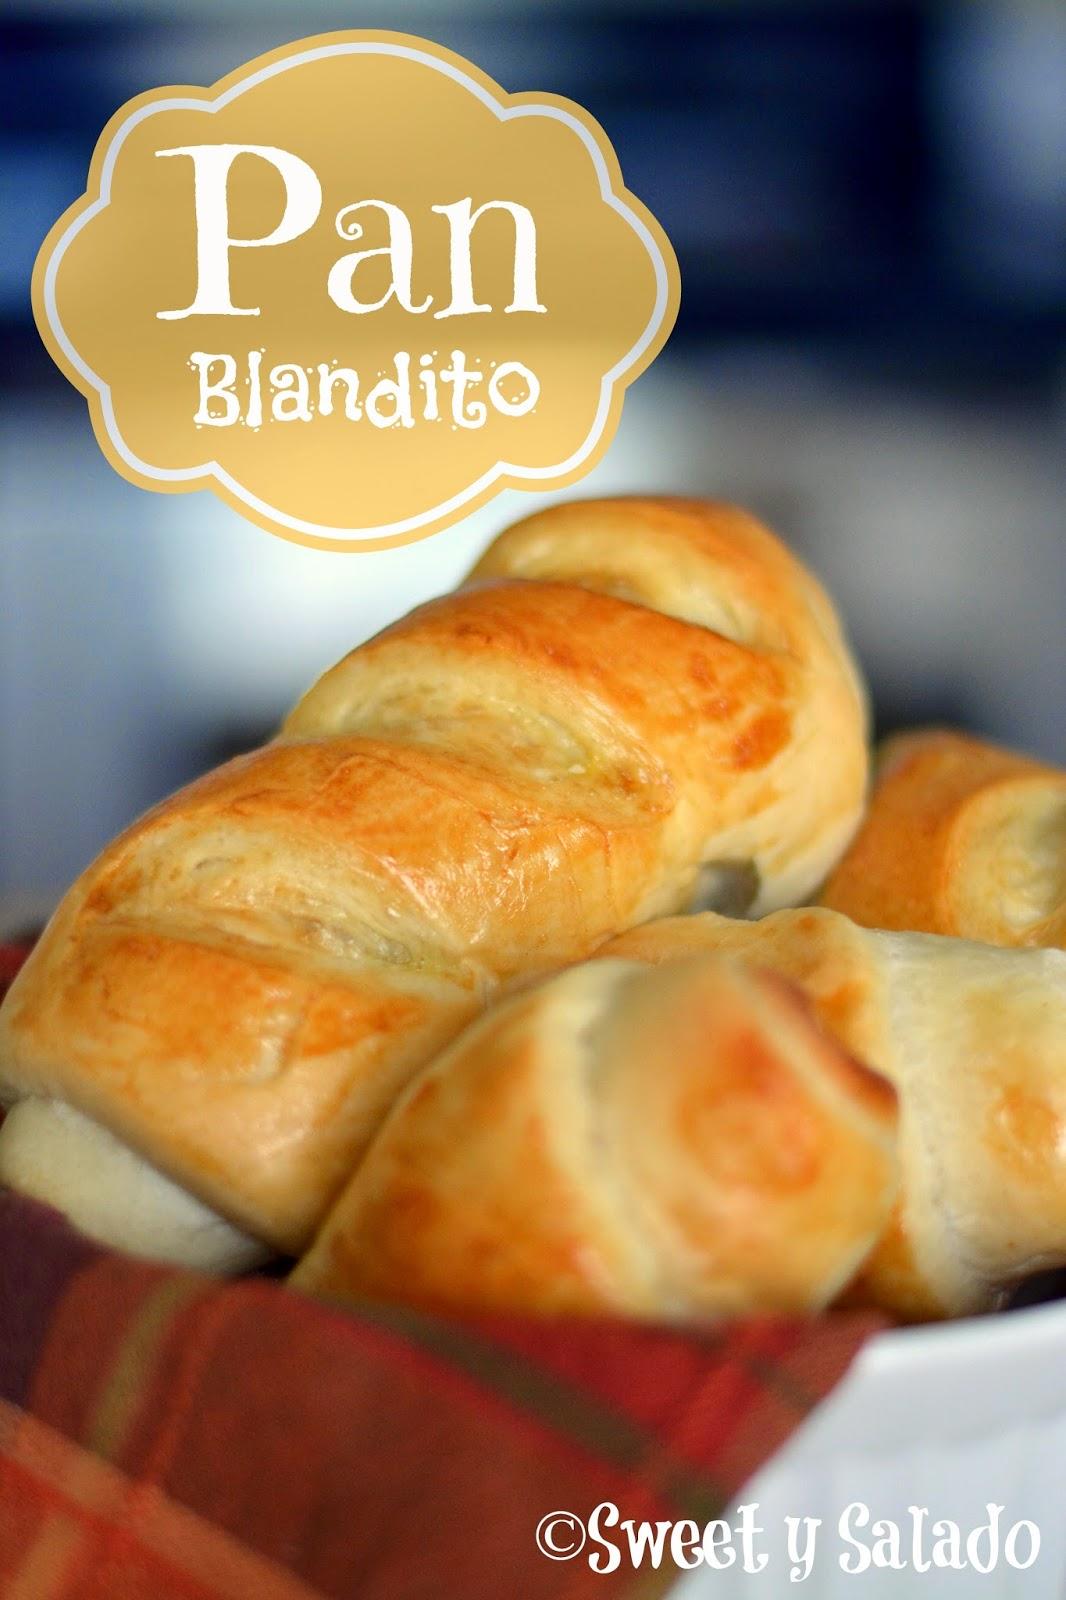 Pan Blandito Sweet Y Salado